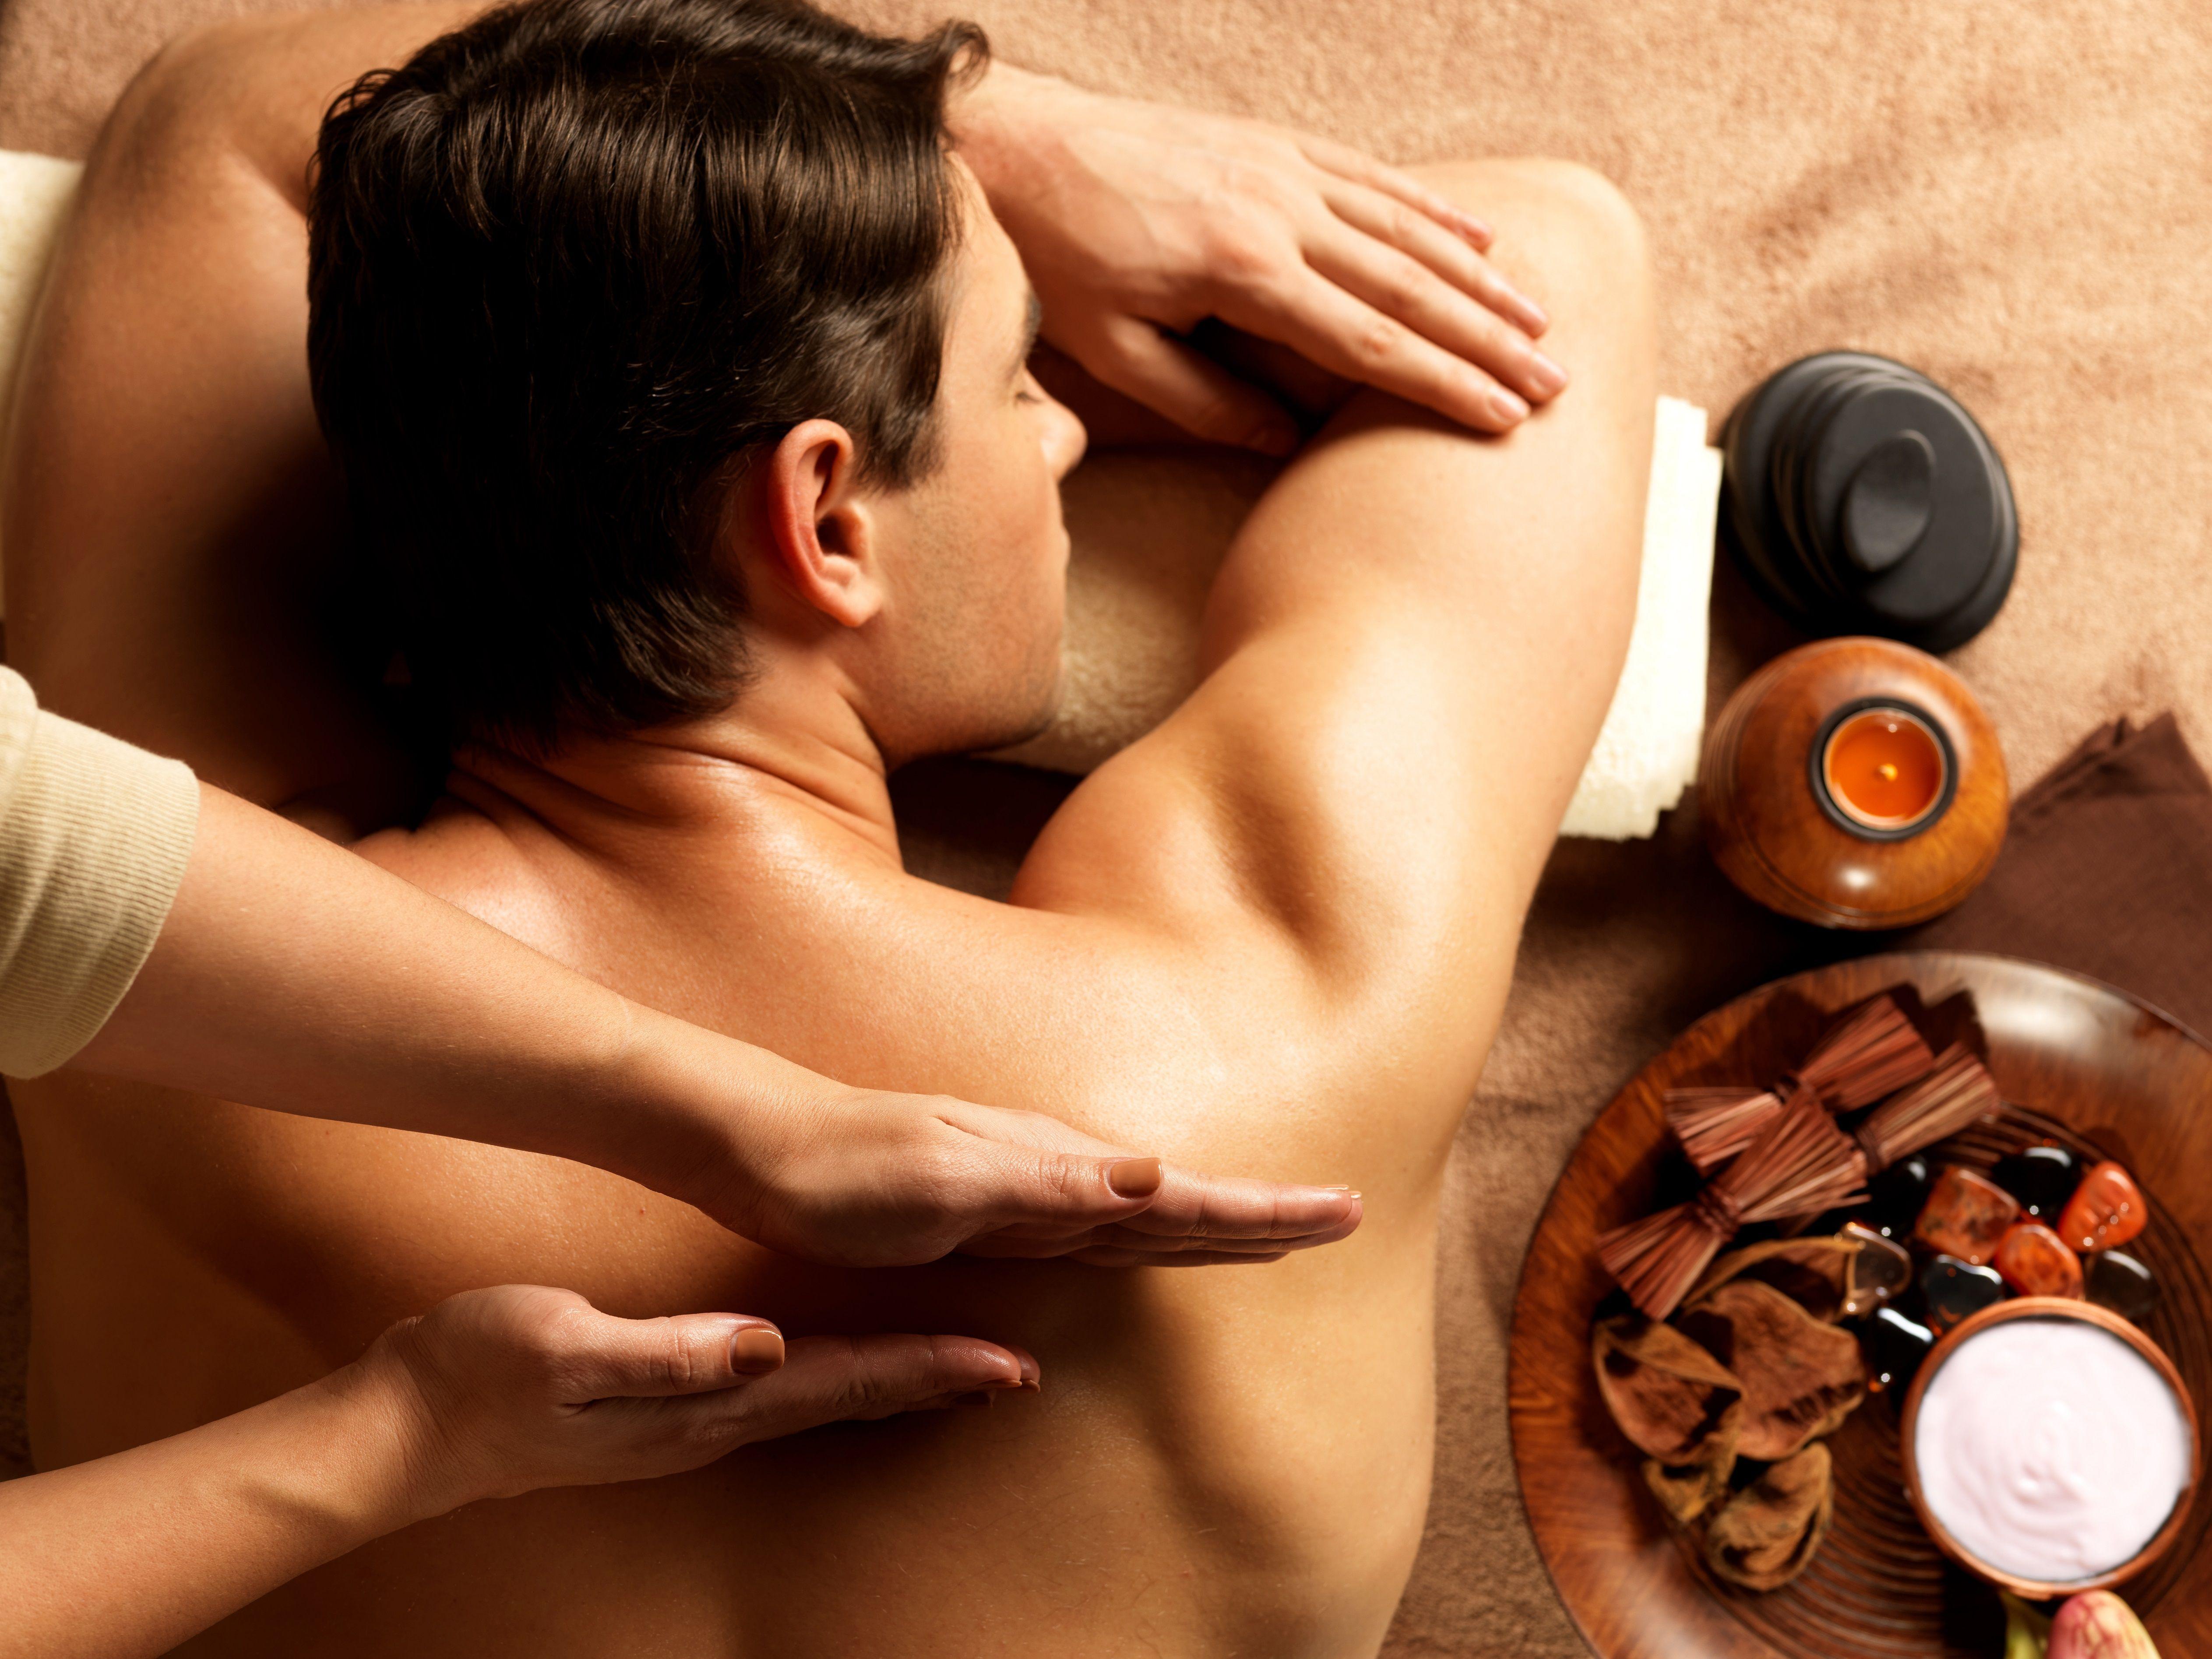 очень тайский массаж мужчин видео прикосновения, развратные фантазии